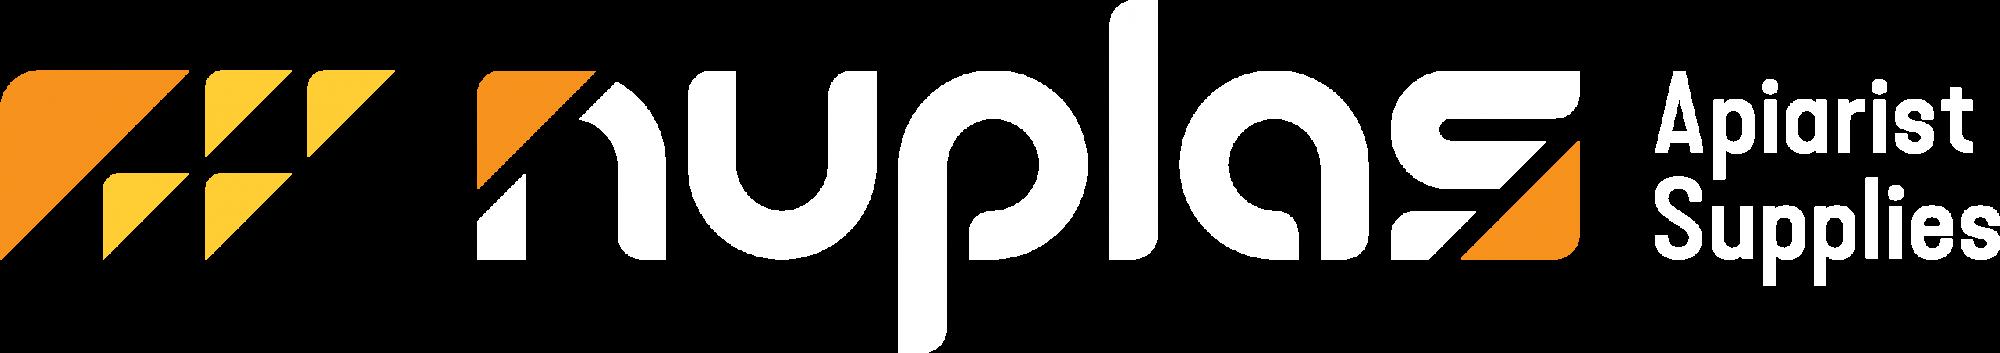 Nuplas Apiarist Supplies | Australia